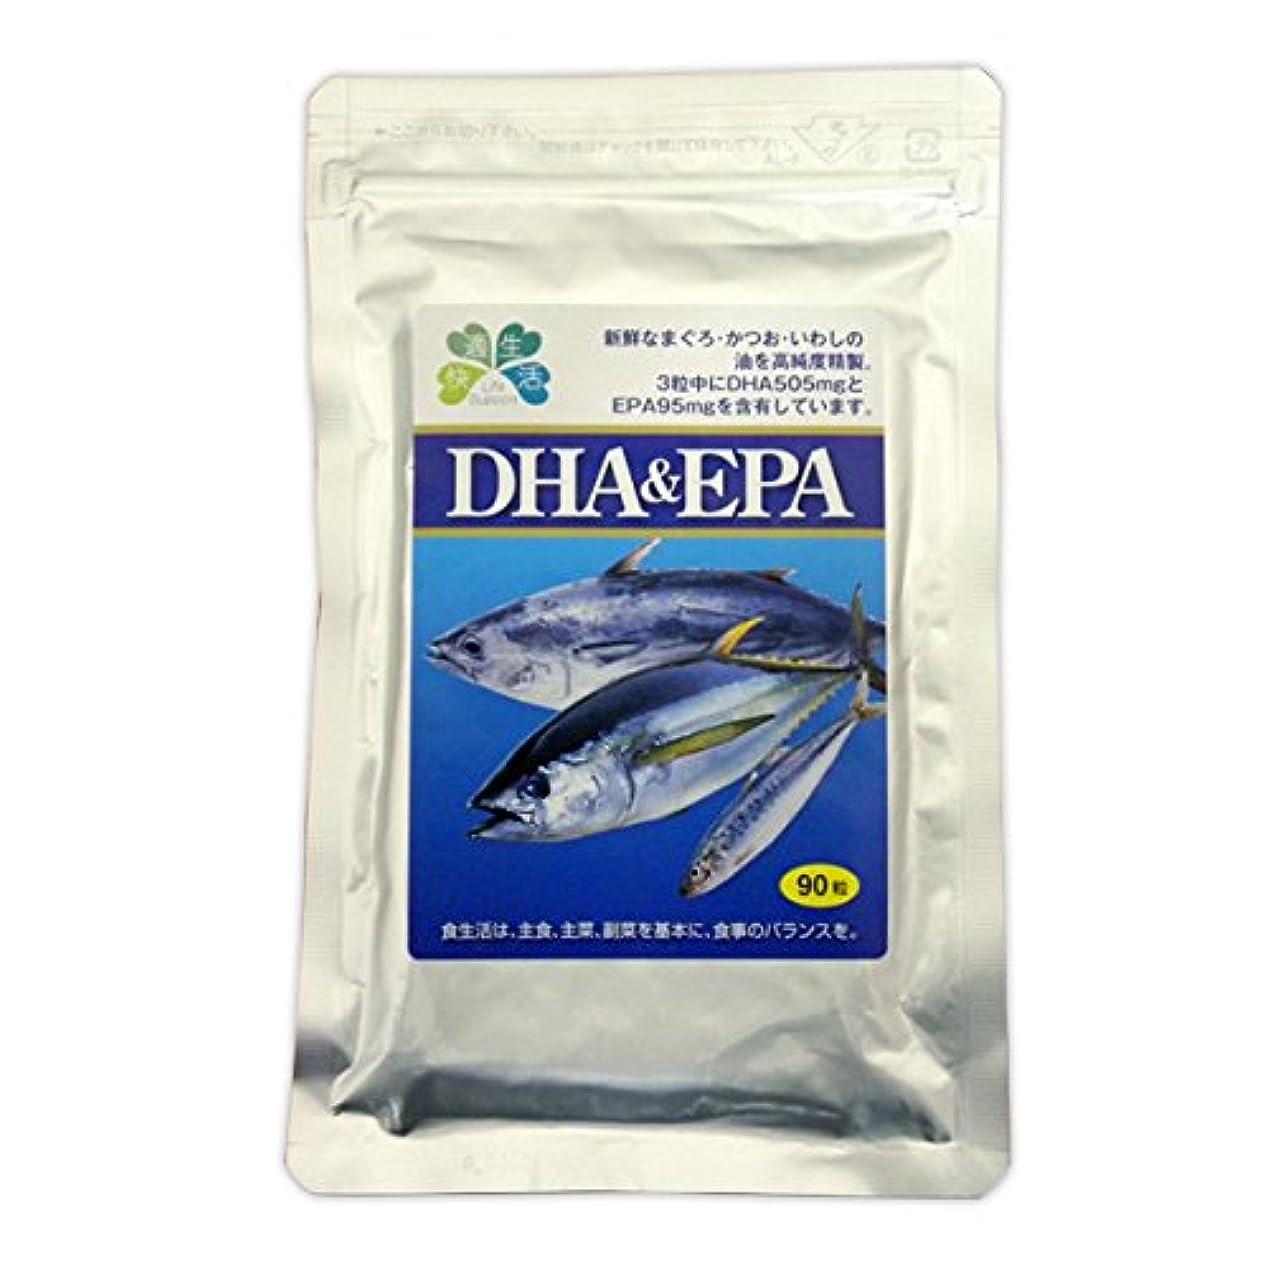 戦うチャップ特派員快適生活 DHA&EPA 4袋